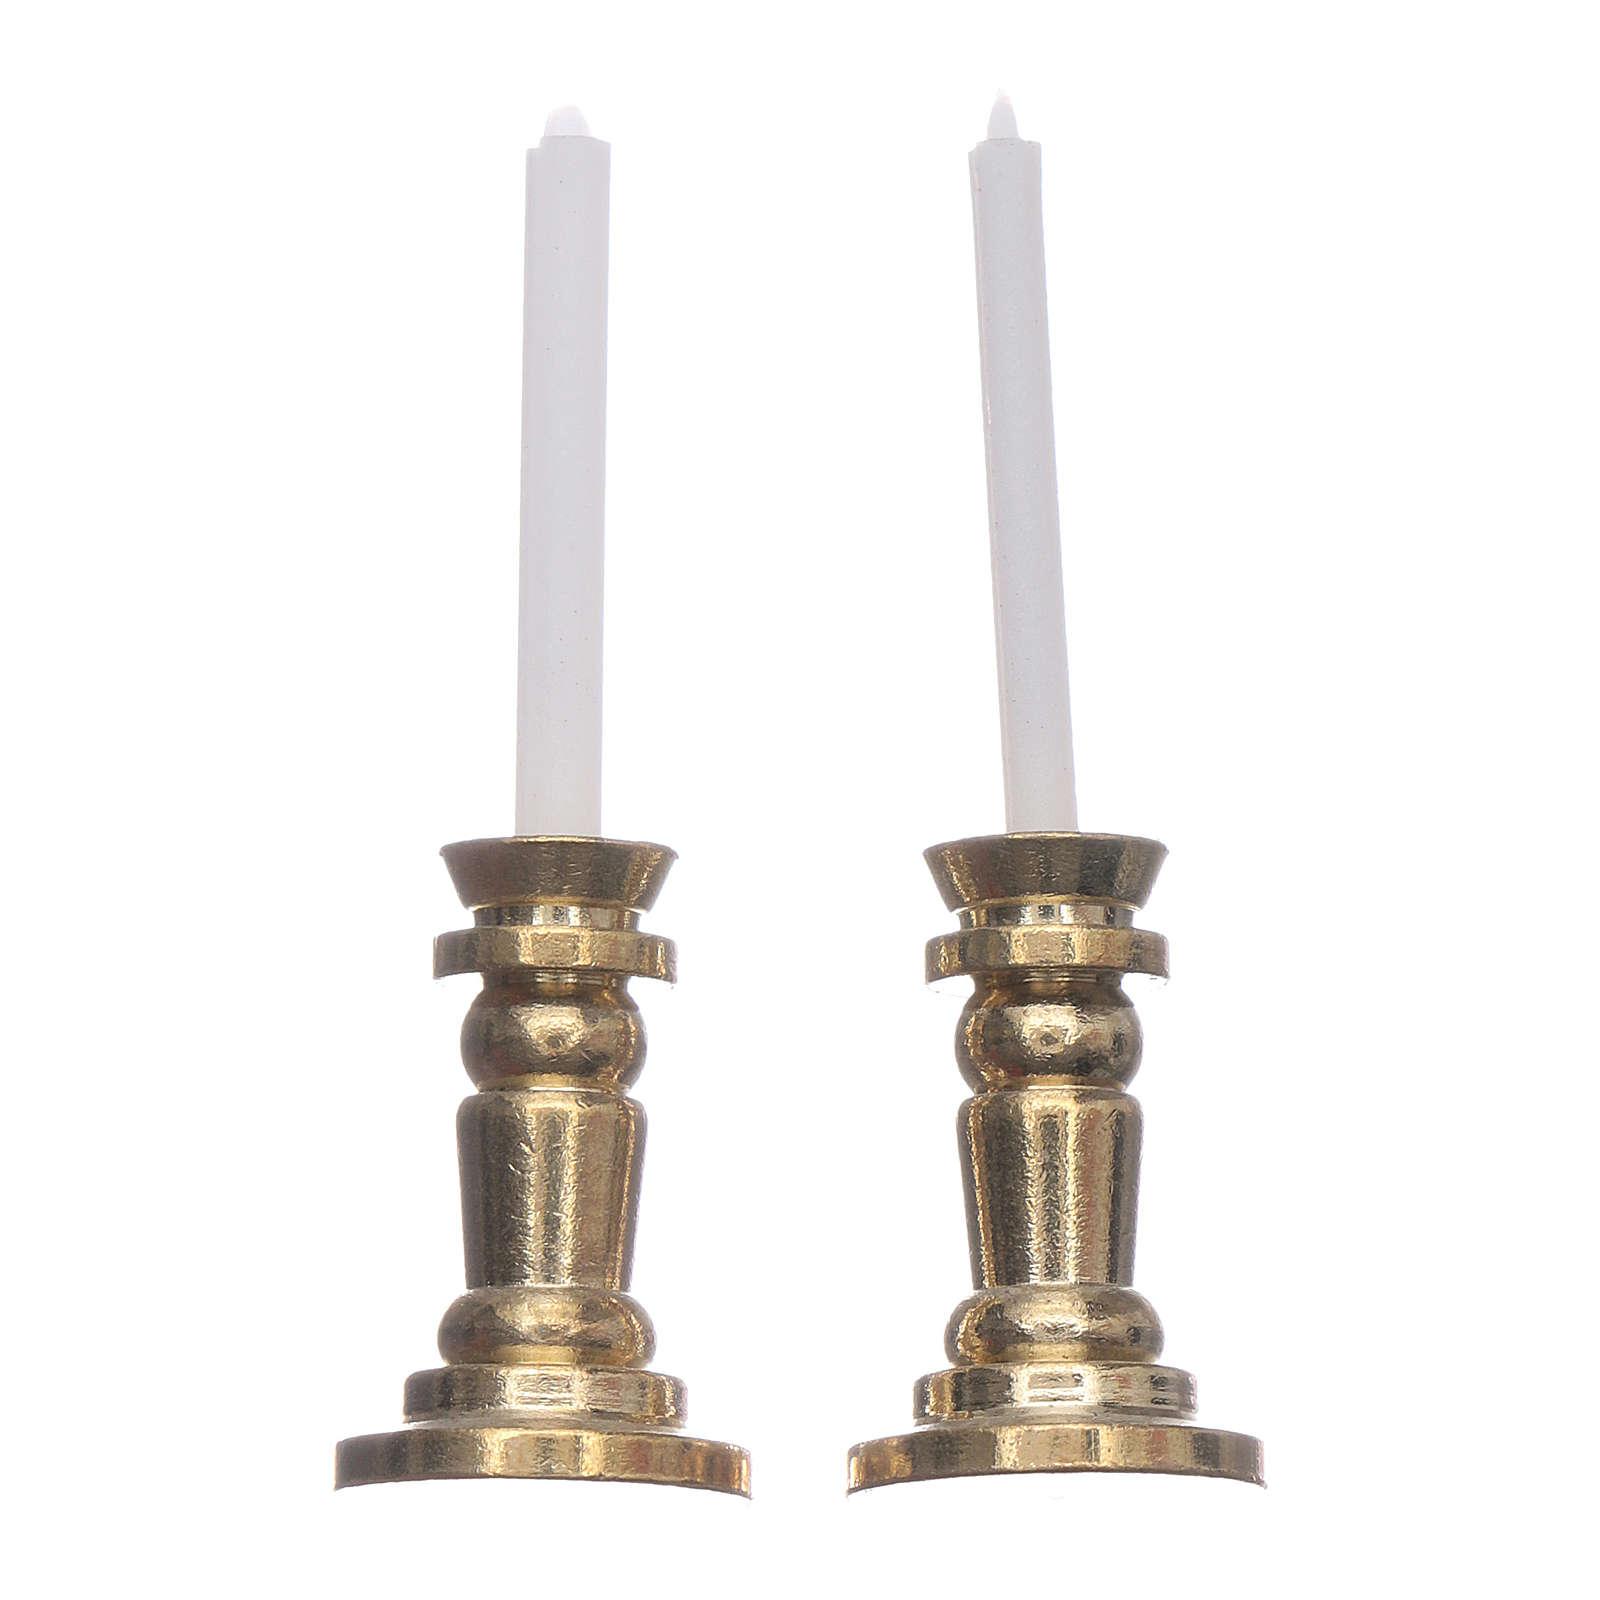 Jeu de chandeliers crèche h réelle 3,5 cm 4